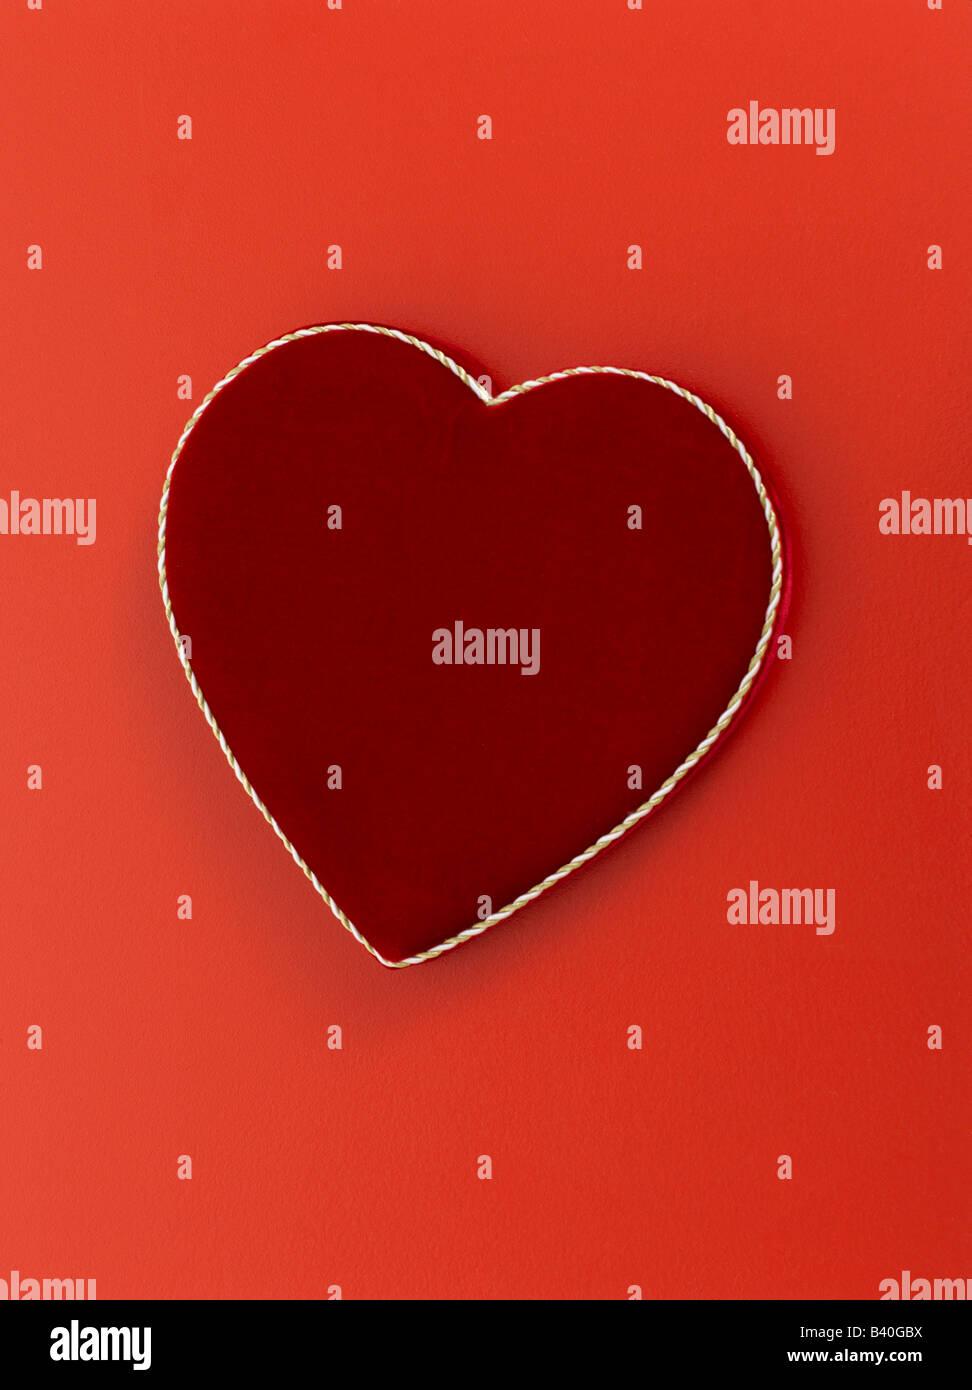 Día de San Valentín en forma de corazón caja de chocolates sobre fondo rojo. Imagen De Stock